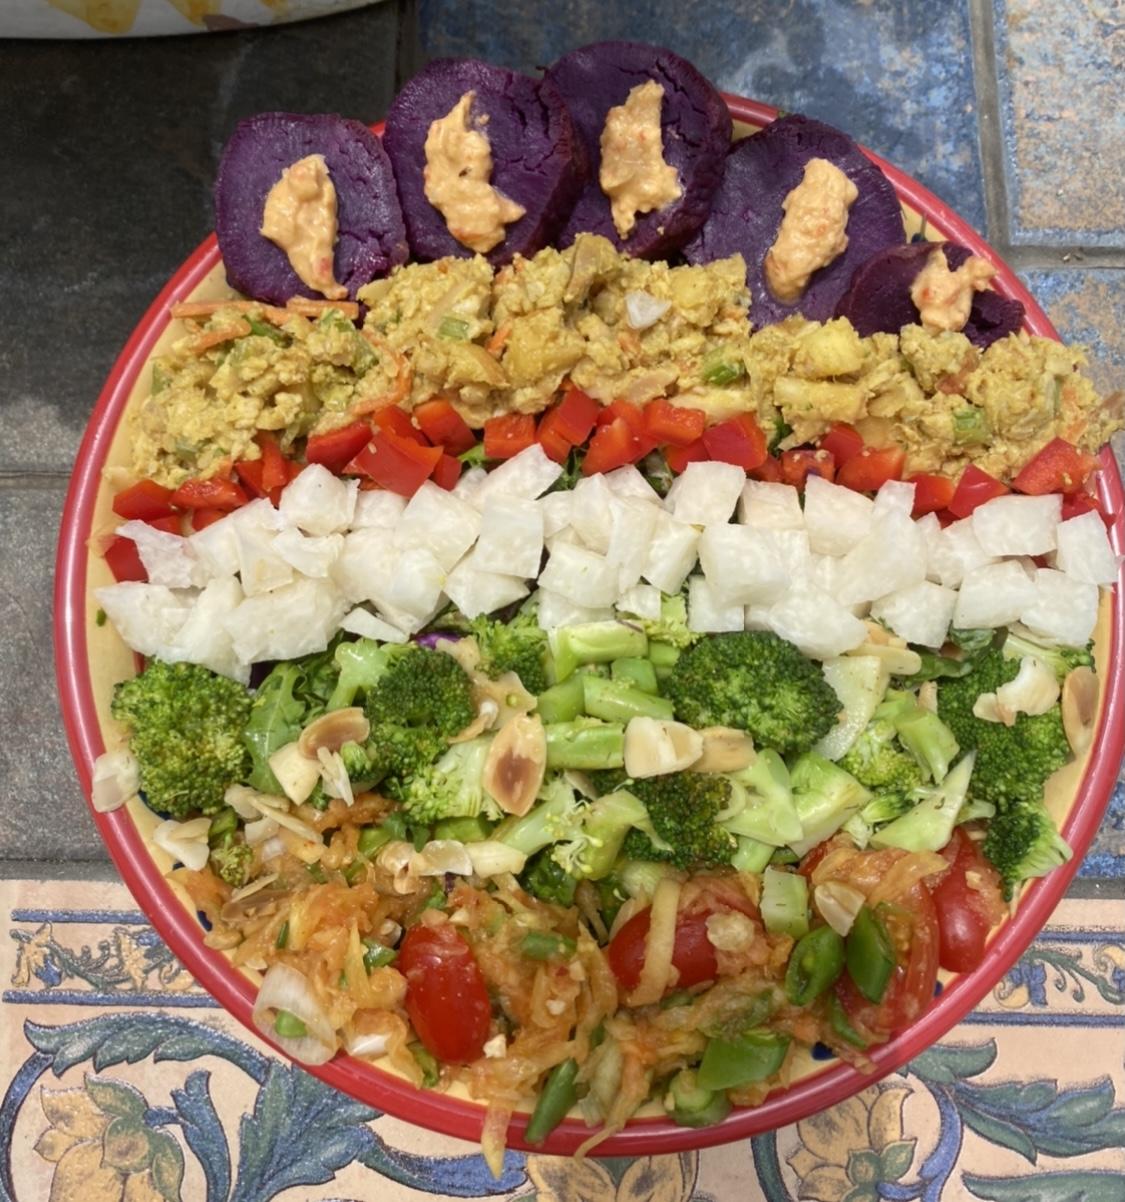 Basic Chopped Salad